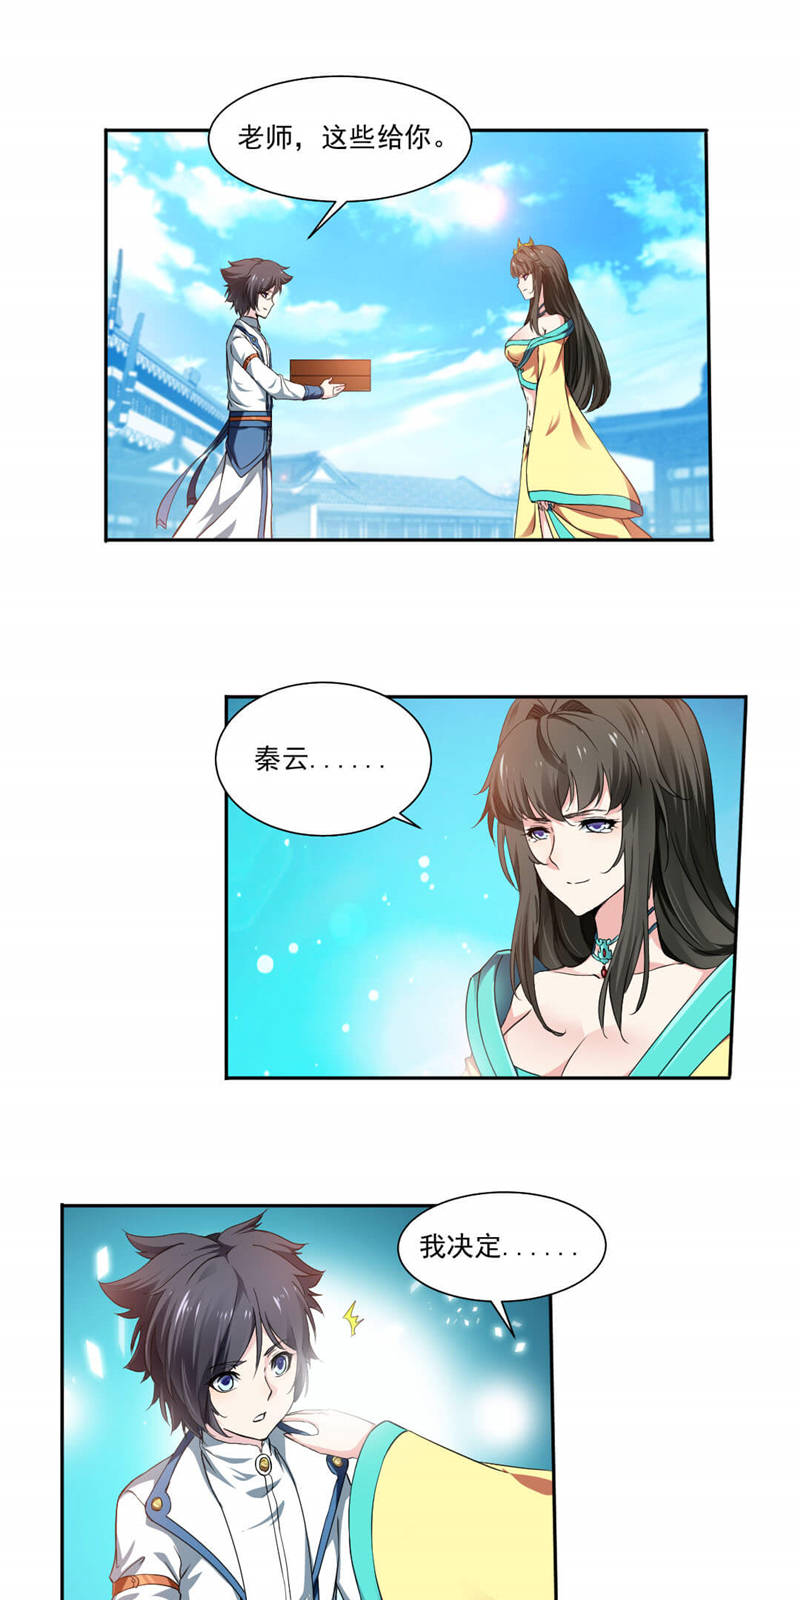 九阳神王第11话  第二武魂 第 4